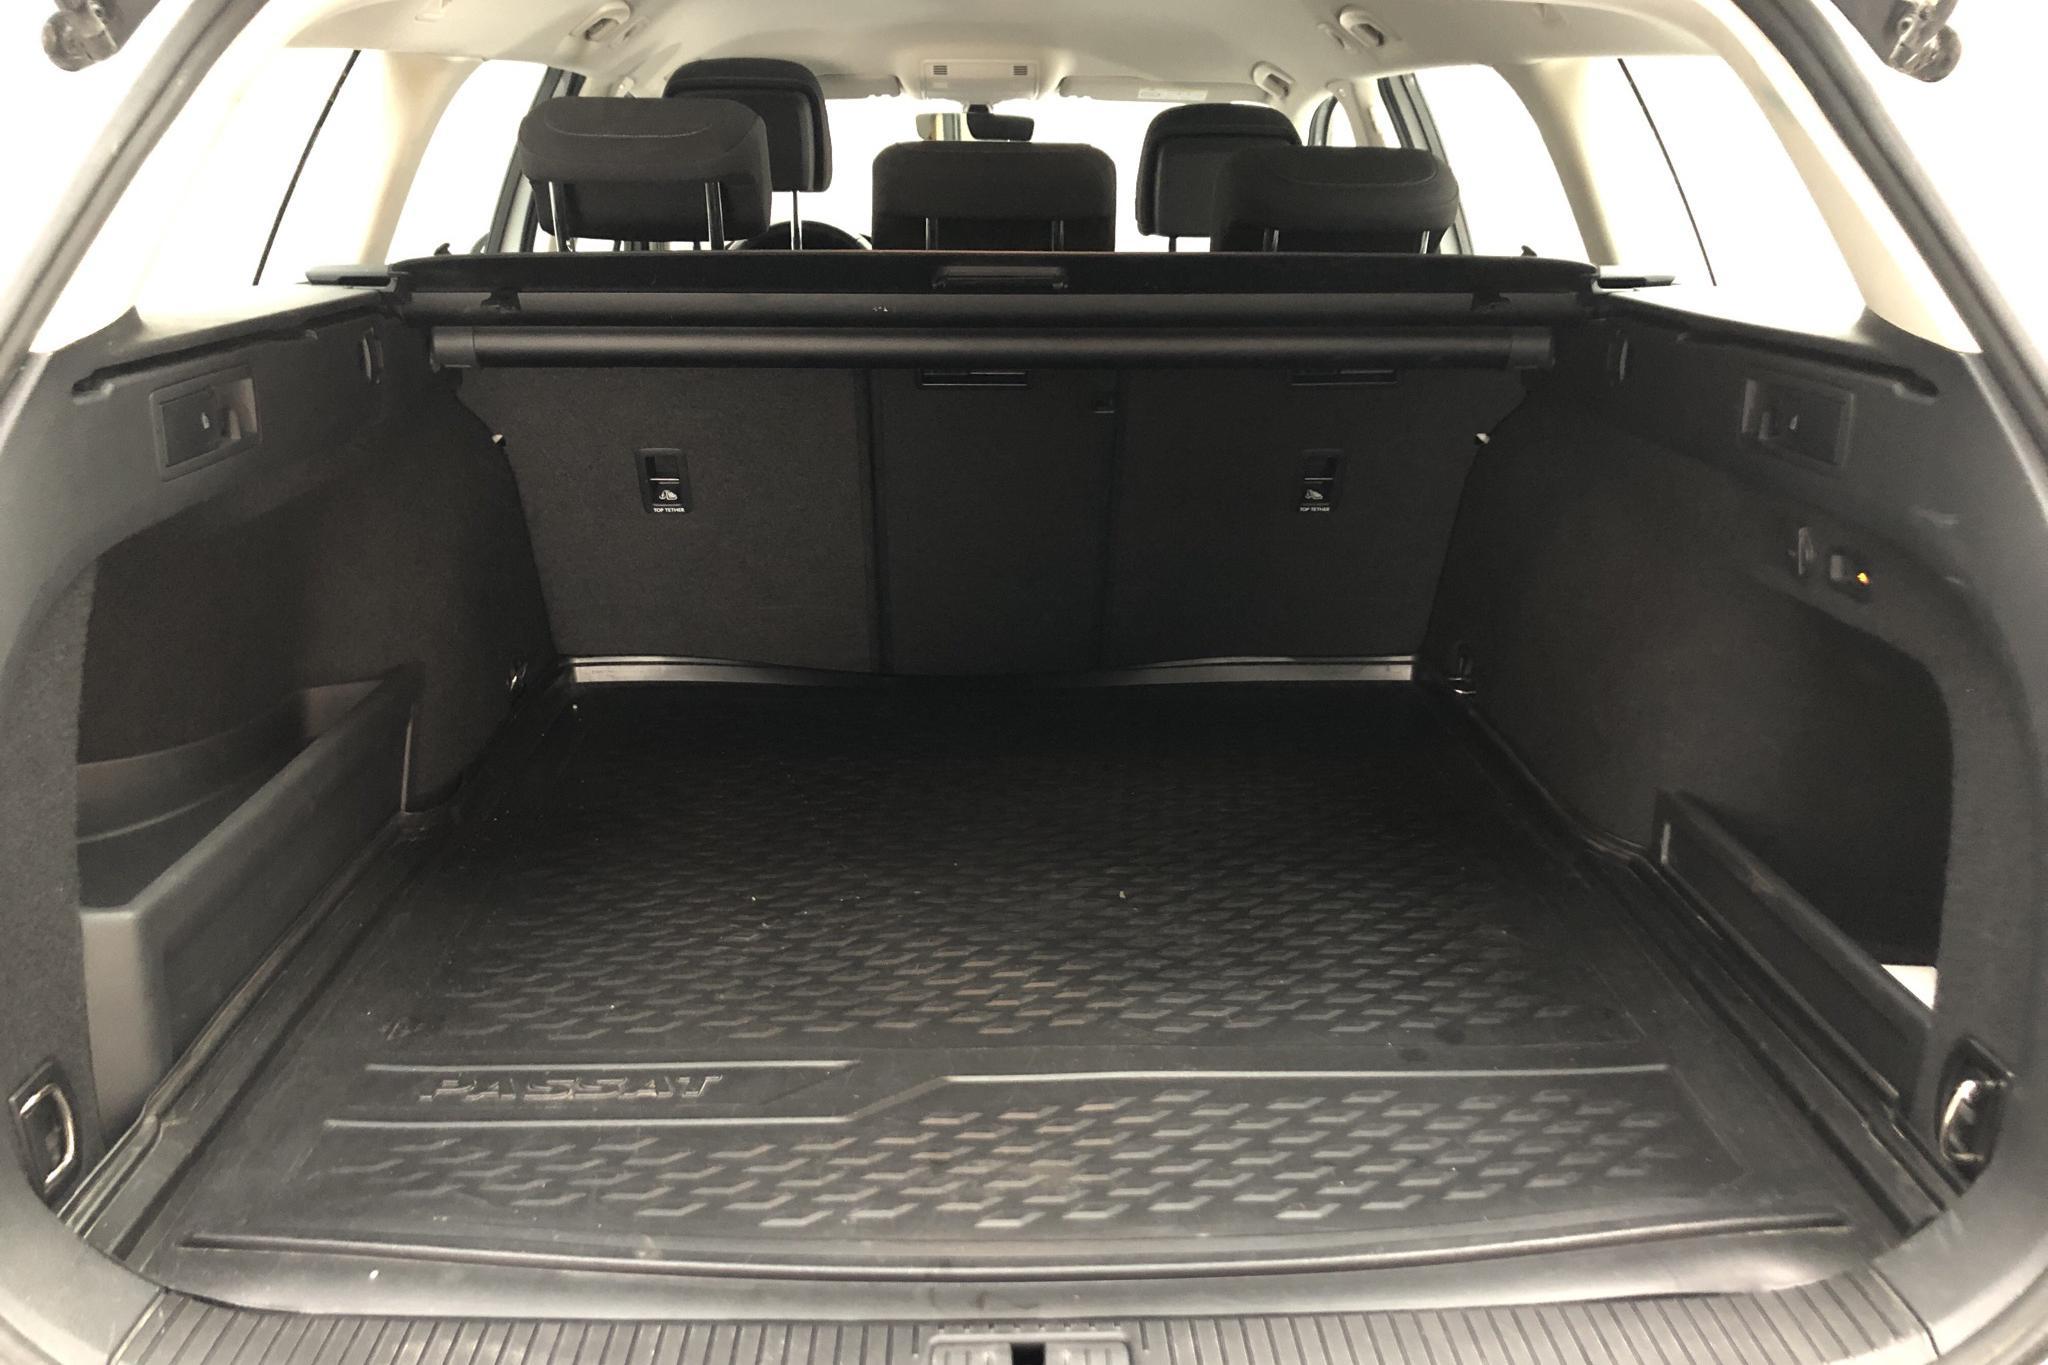 VW Passat 2.0 TDI Sportscombi (150hk) - 64 310 km - Manual - white - 2016